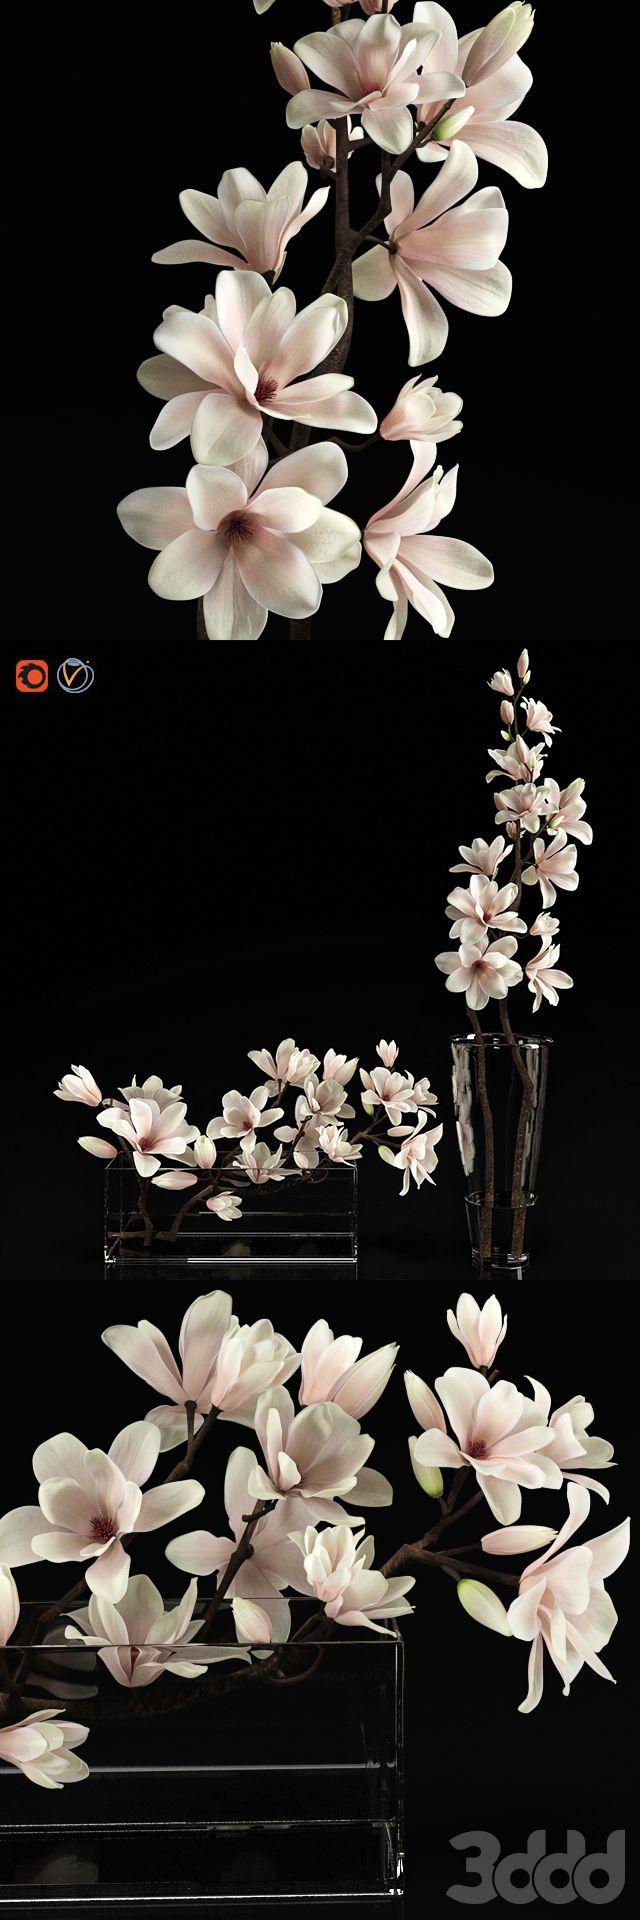 3d модели: Растения - Magnolia 2